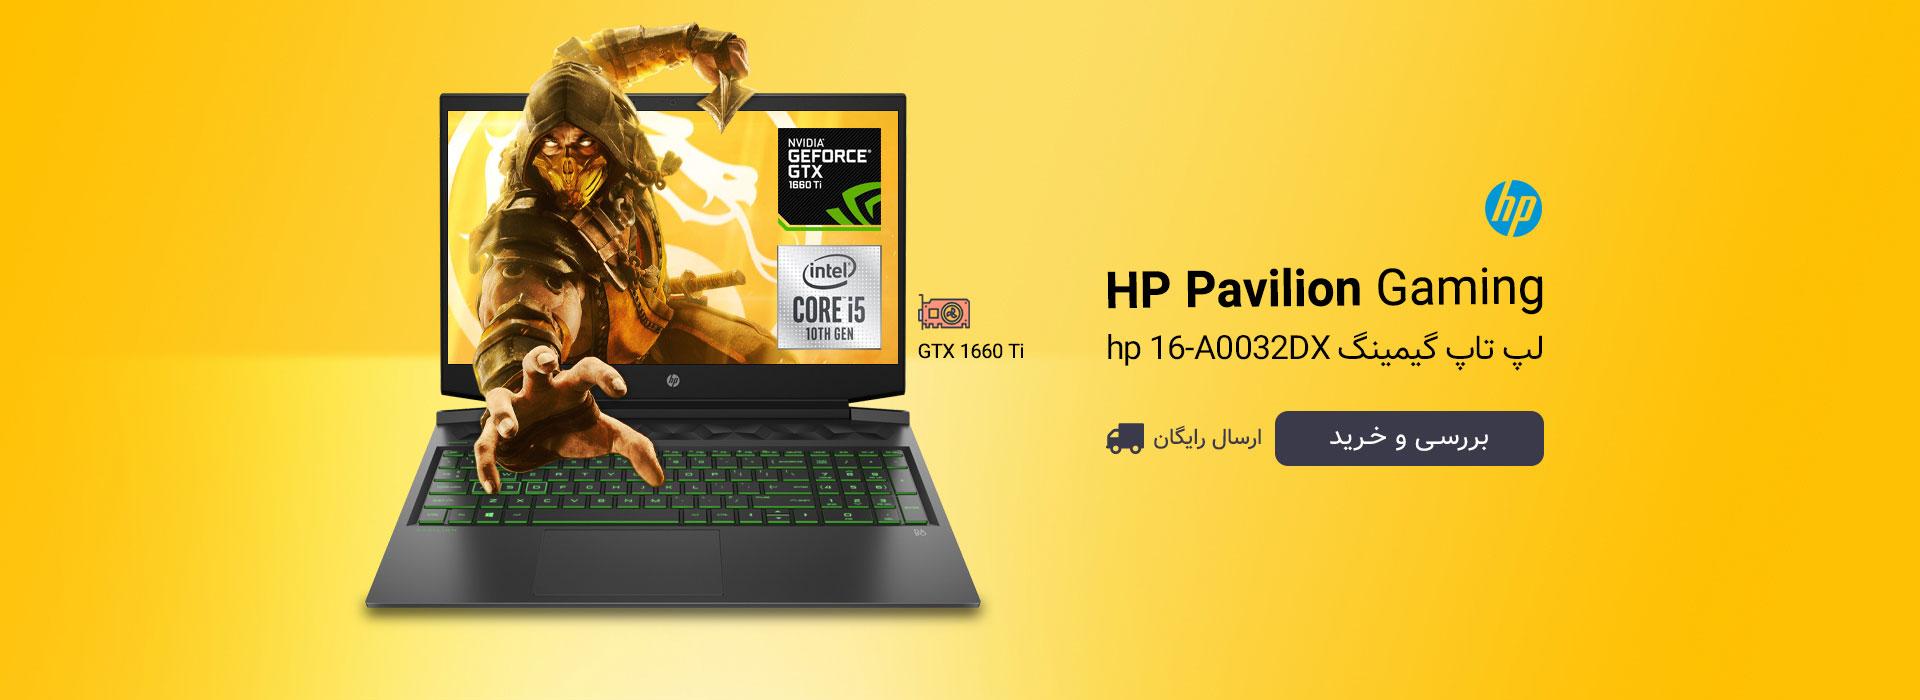 لپ تاپ گیمینگ HP مدل Pavilion 16-A0032DX